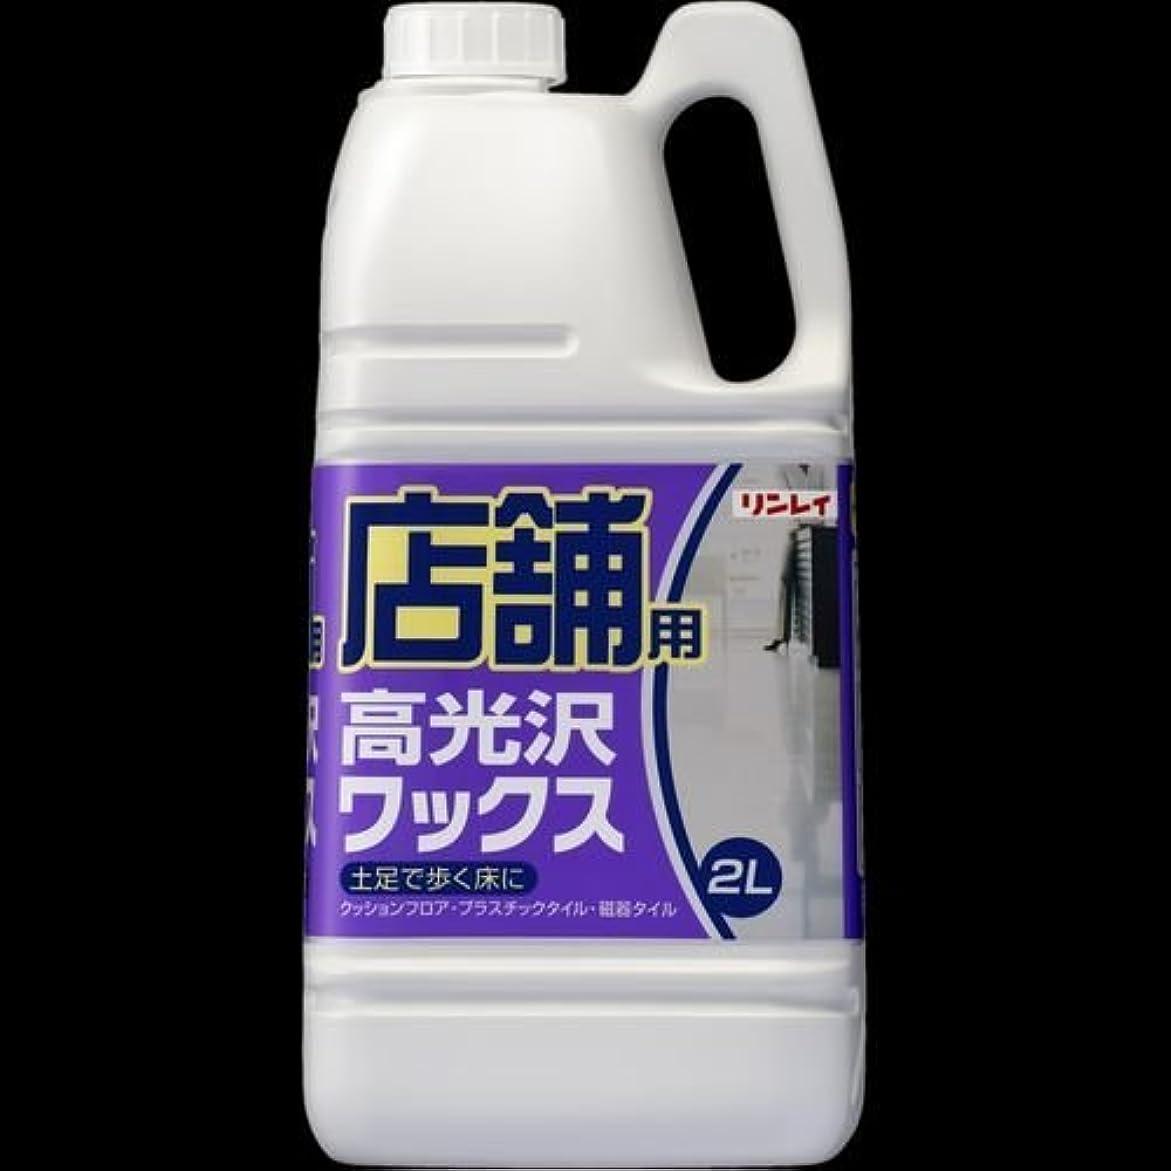 政治放課後サンダース【まとめ買い】店舗用高光沢ワックス 2L ×2セット